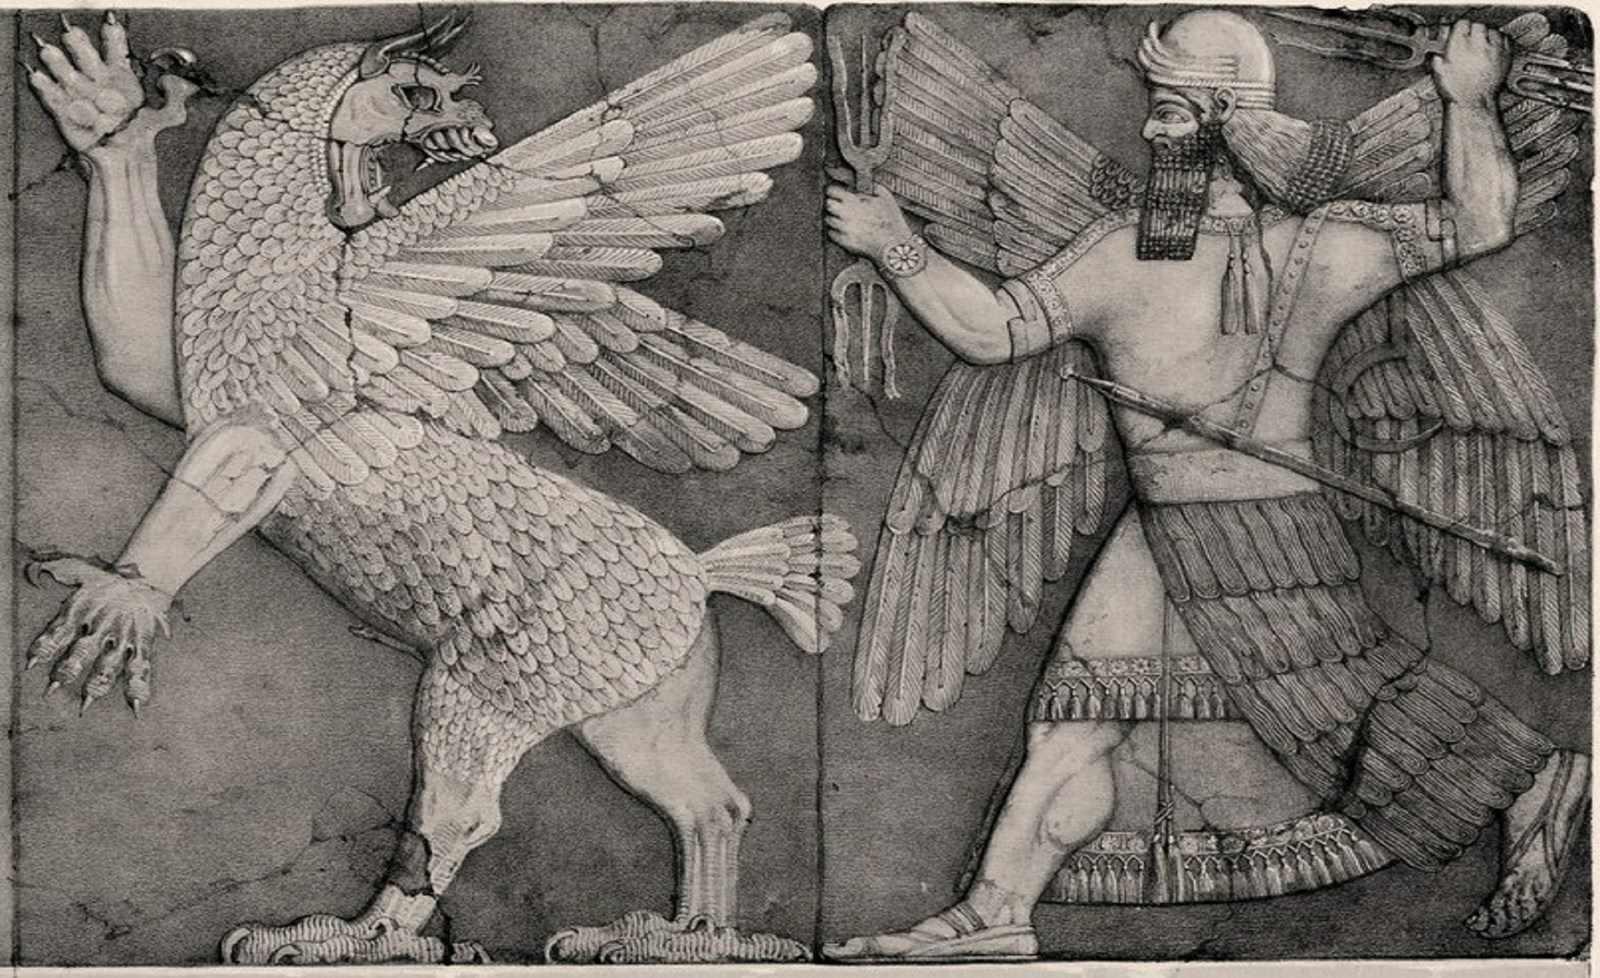 Marduk–the patron god of Babylon